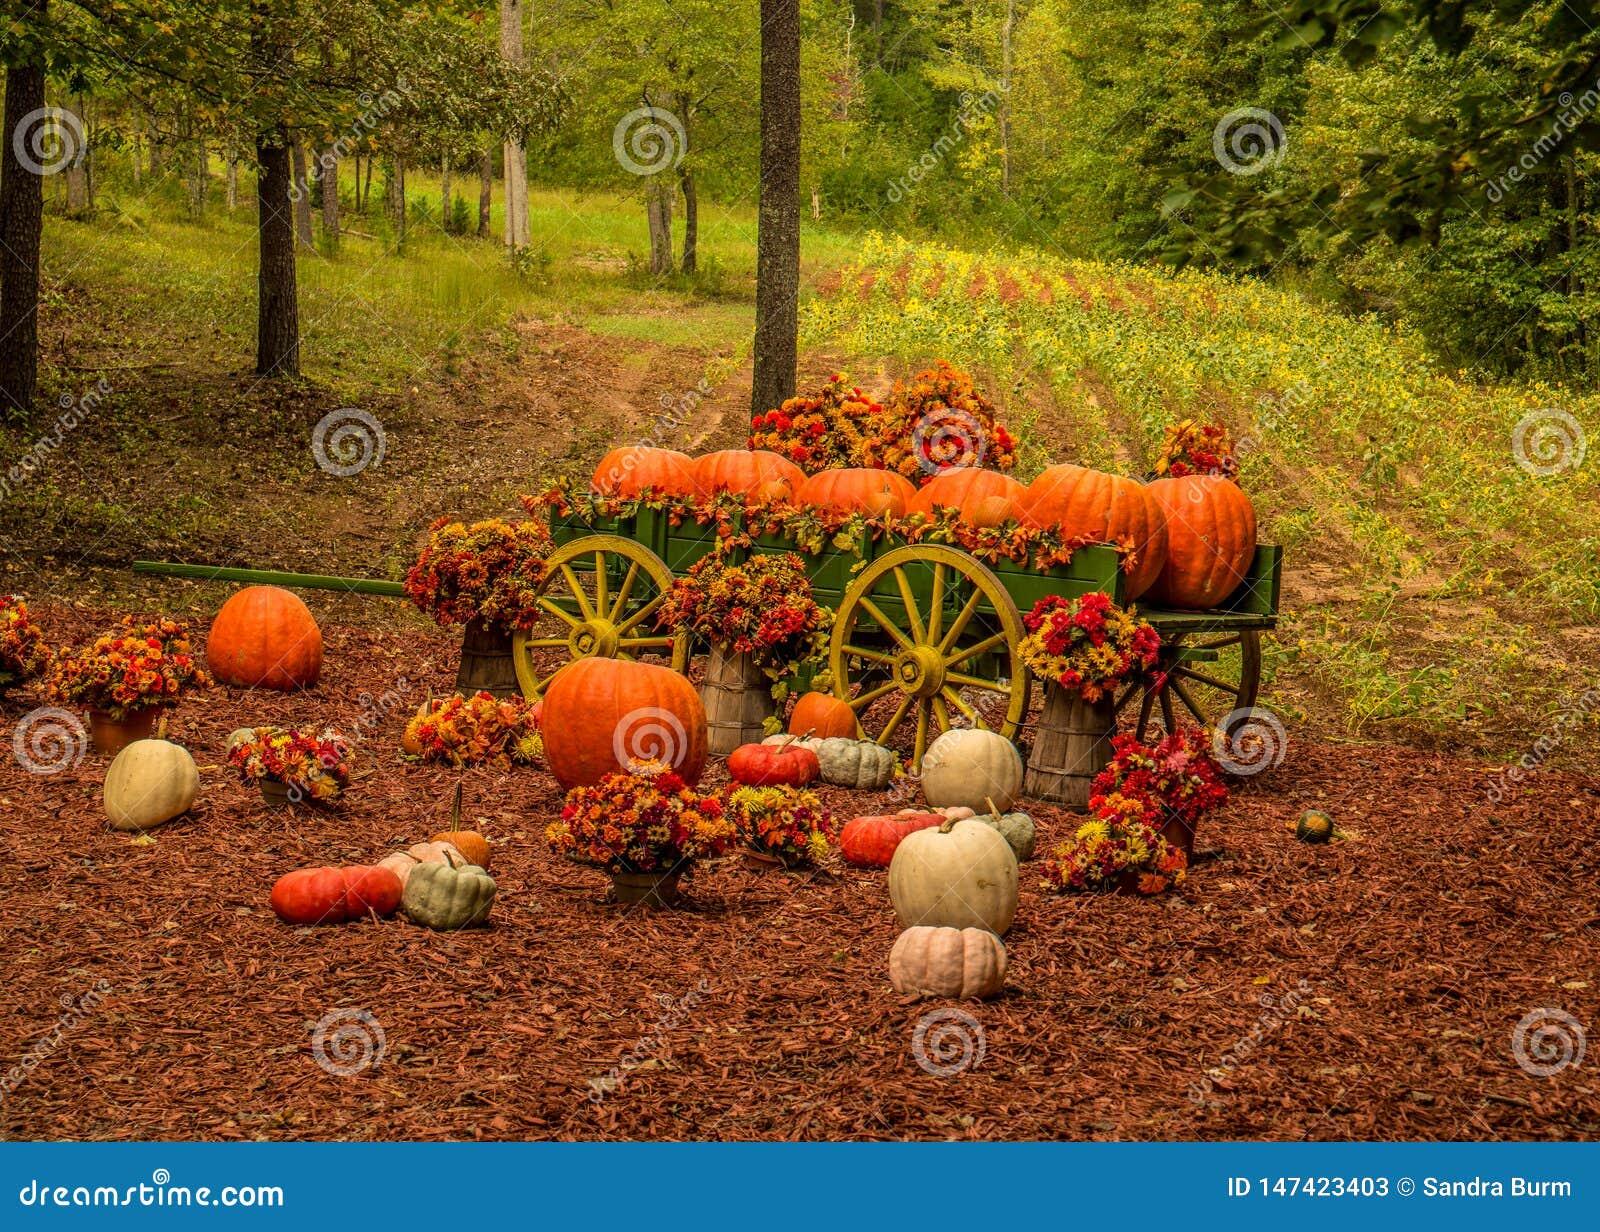 Διακοσμητική αγροτική επίδειξη κολοκύθας το φθινόπωρο